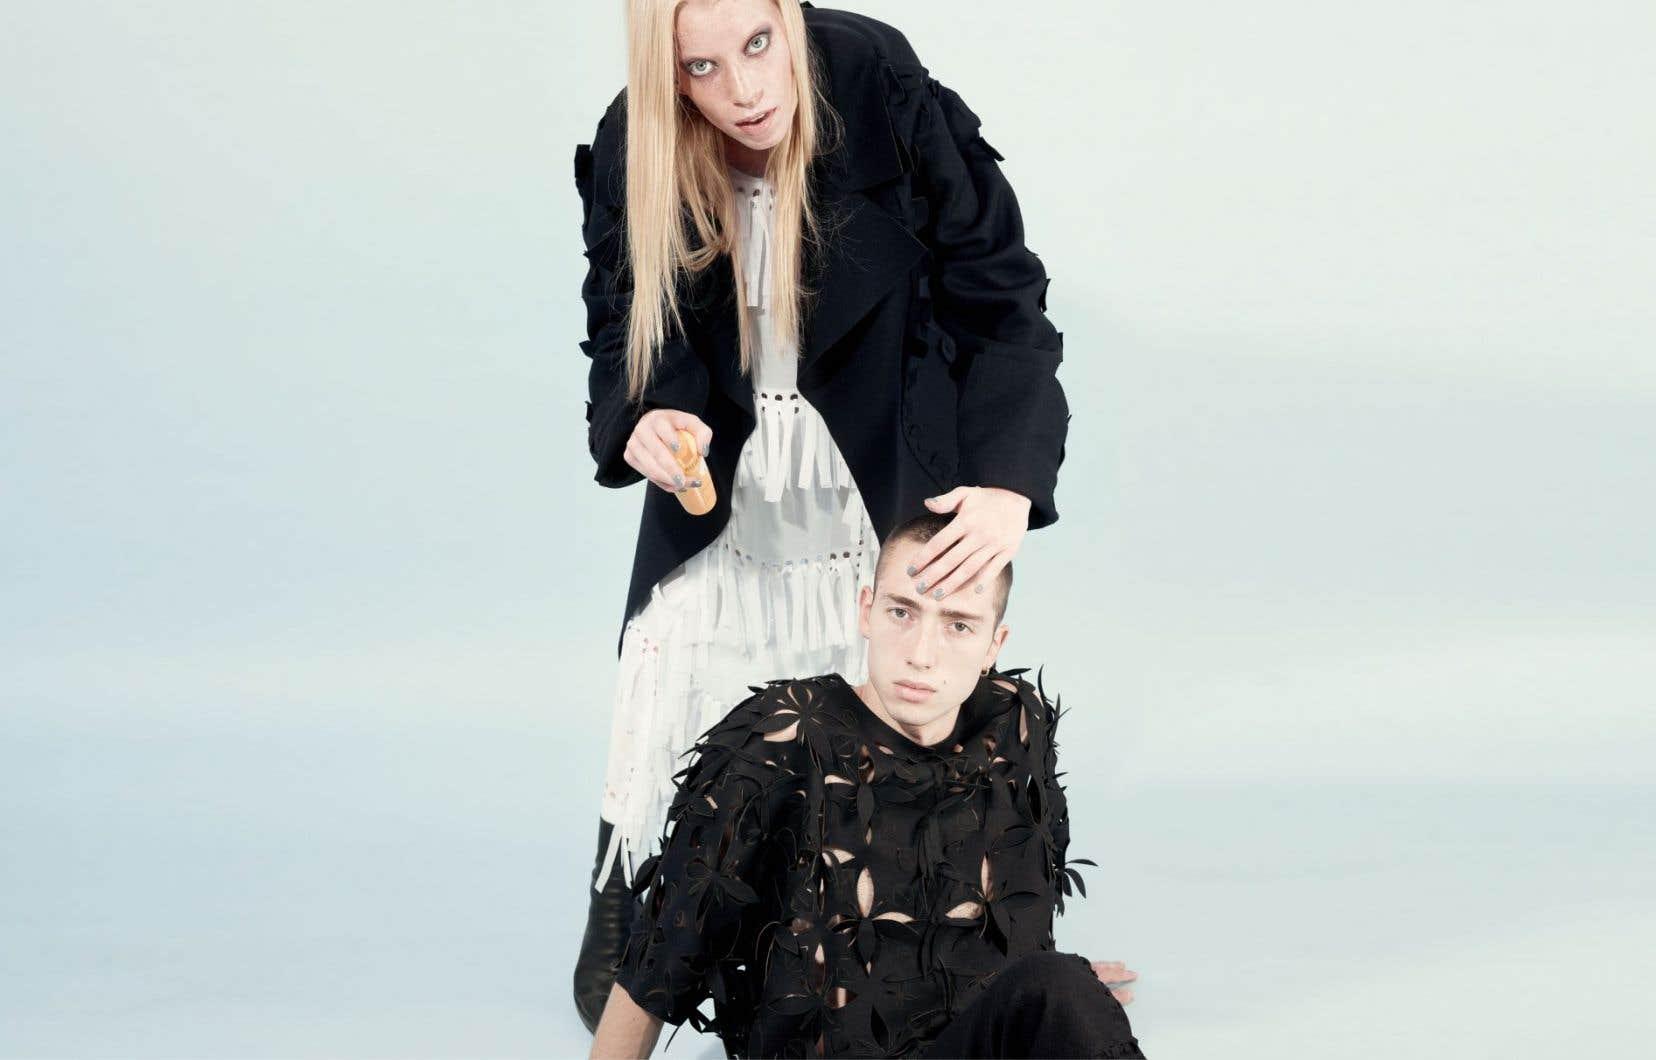 Vêtement féminin: une création signée Kjell de Meersman. Vêtement masculin: une conception d'Emmanuel Ryngaert. Tous deux pour The post-couture collective.